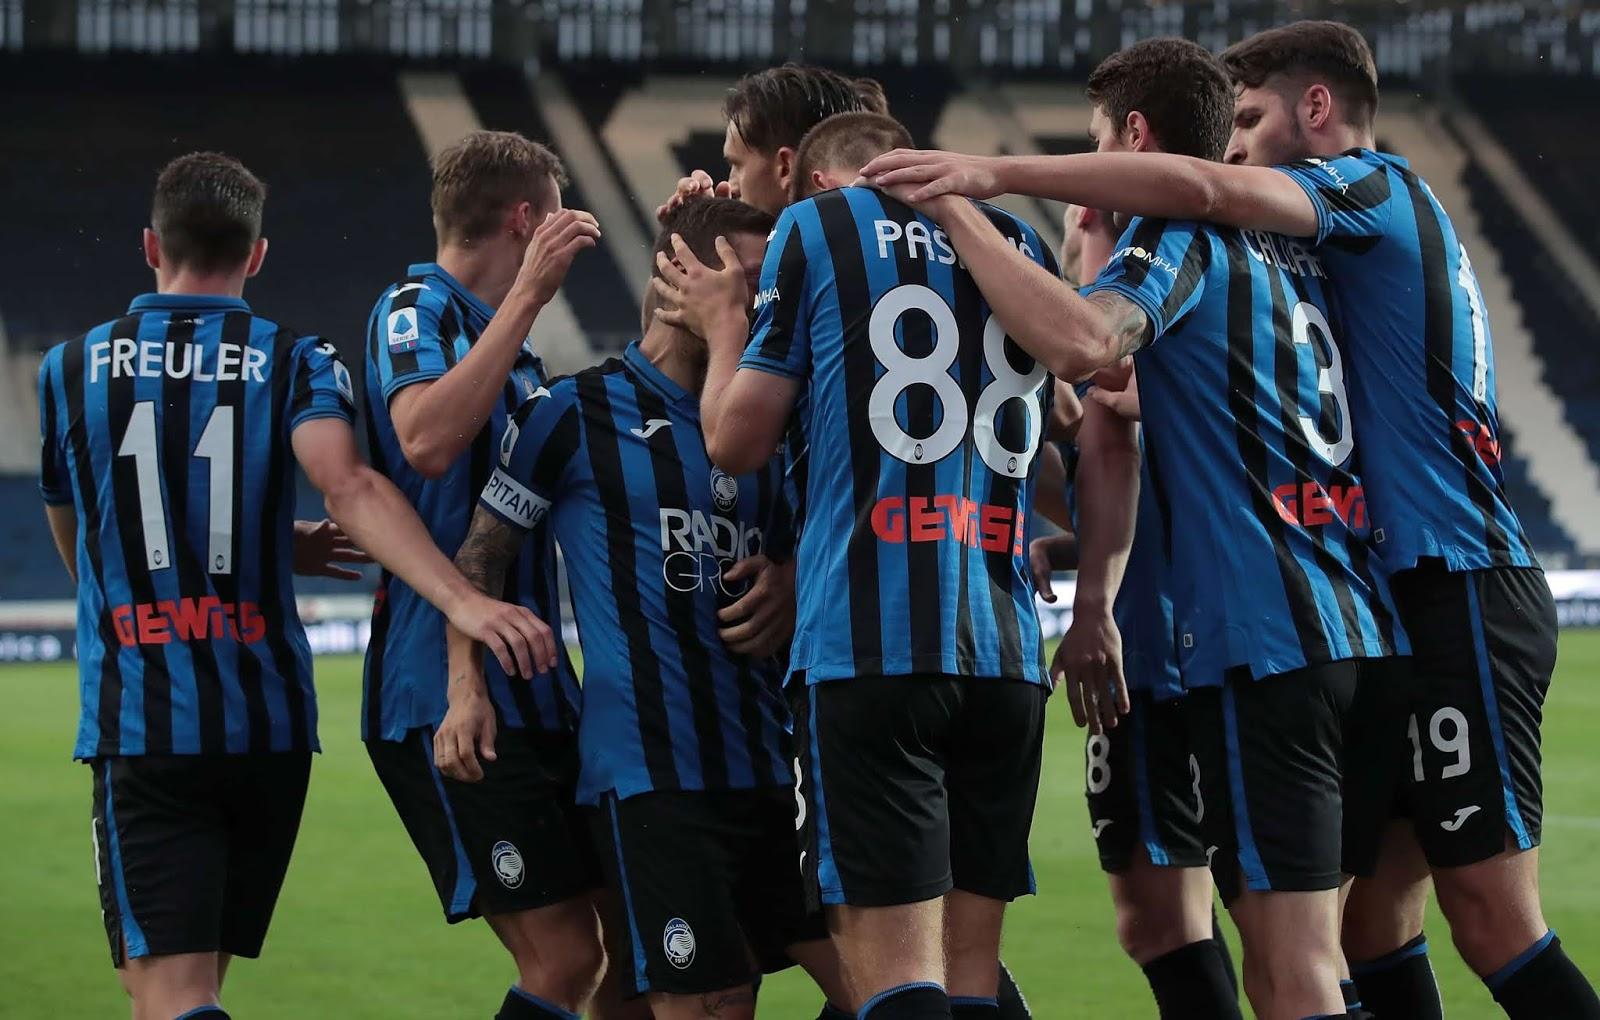 El Atalanta sigue en la senda ganadora en la Serie A de Italia